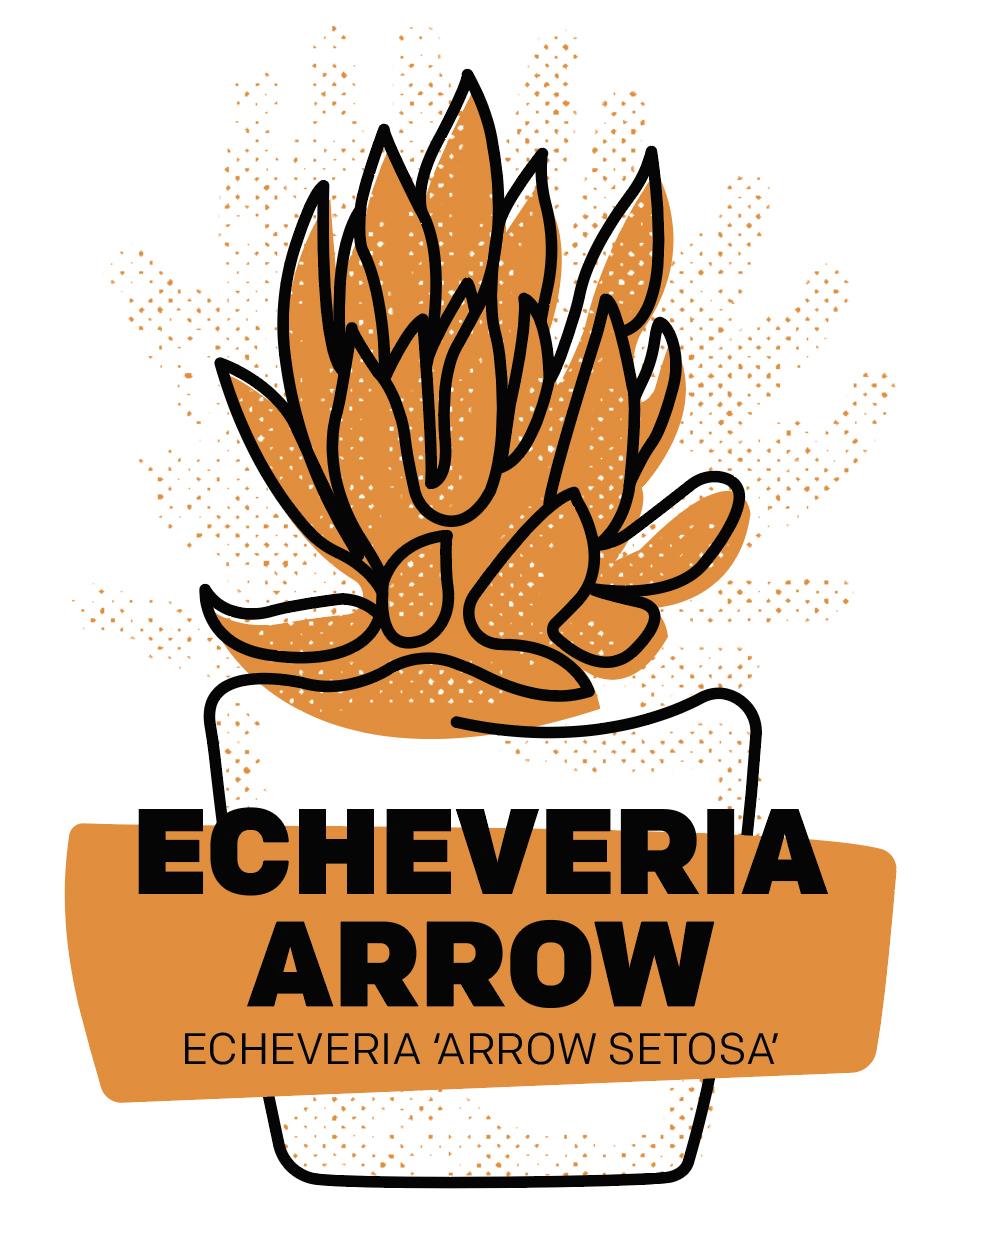 Echeveria Arrow